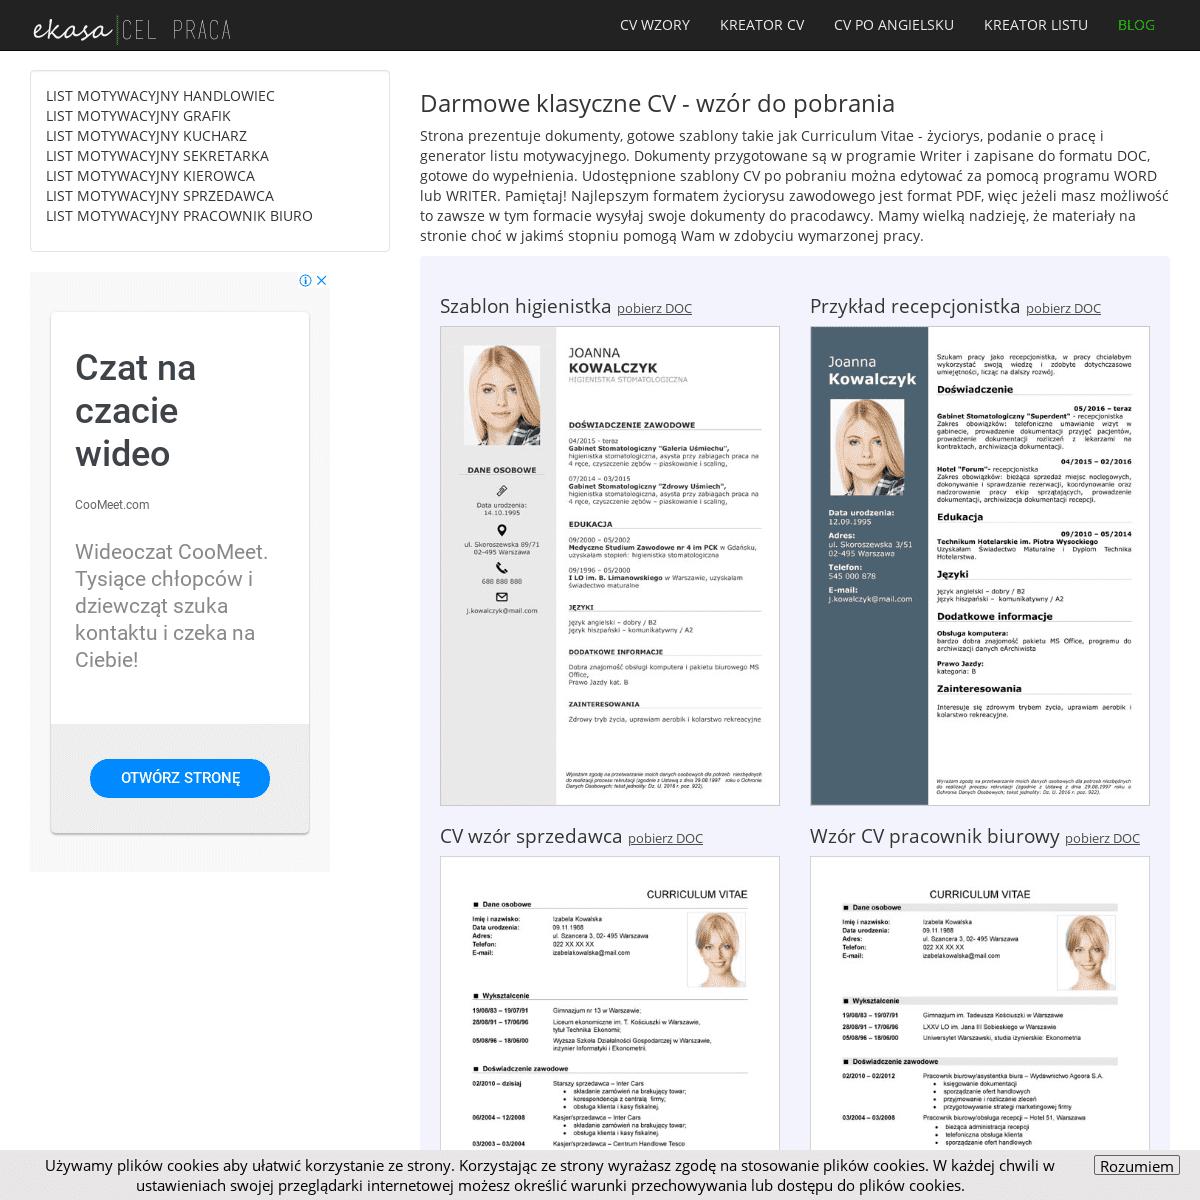 CV wzór - do pobrania gotowe przykłady